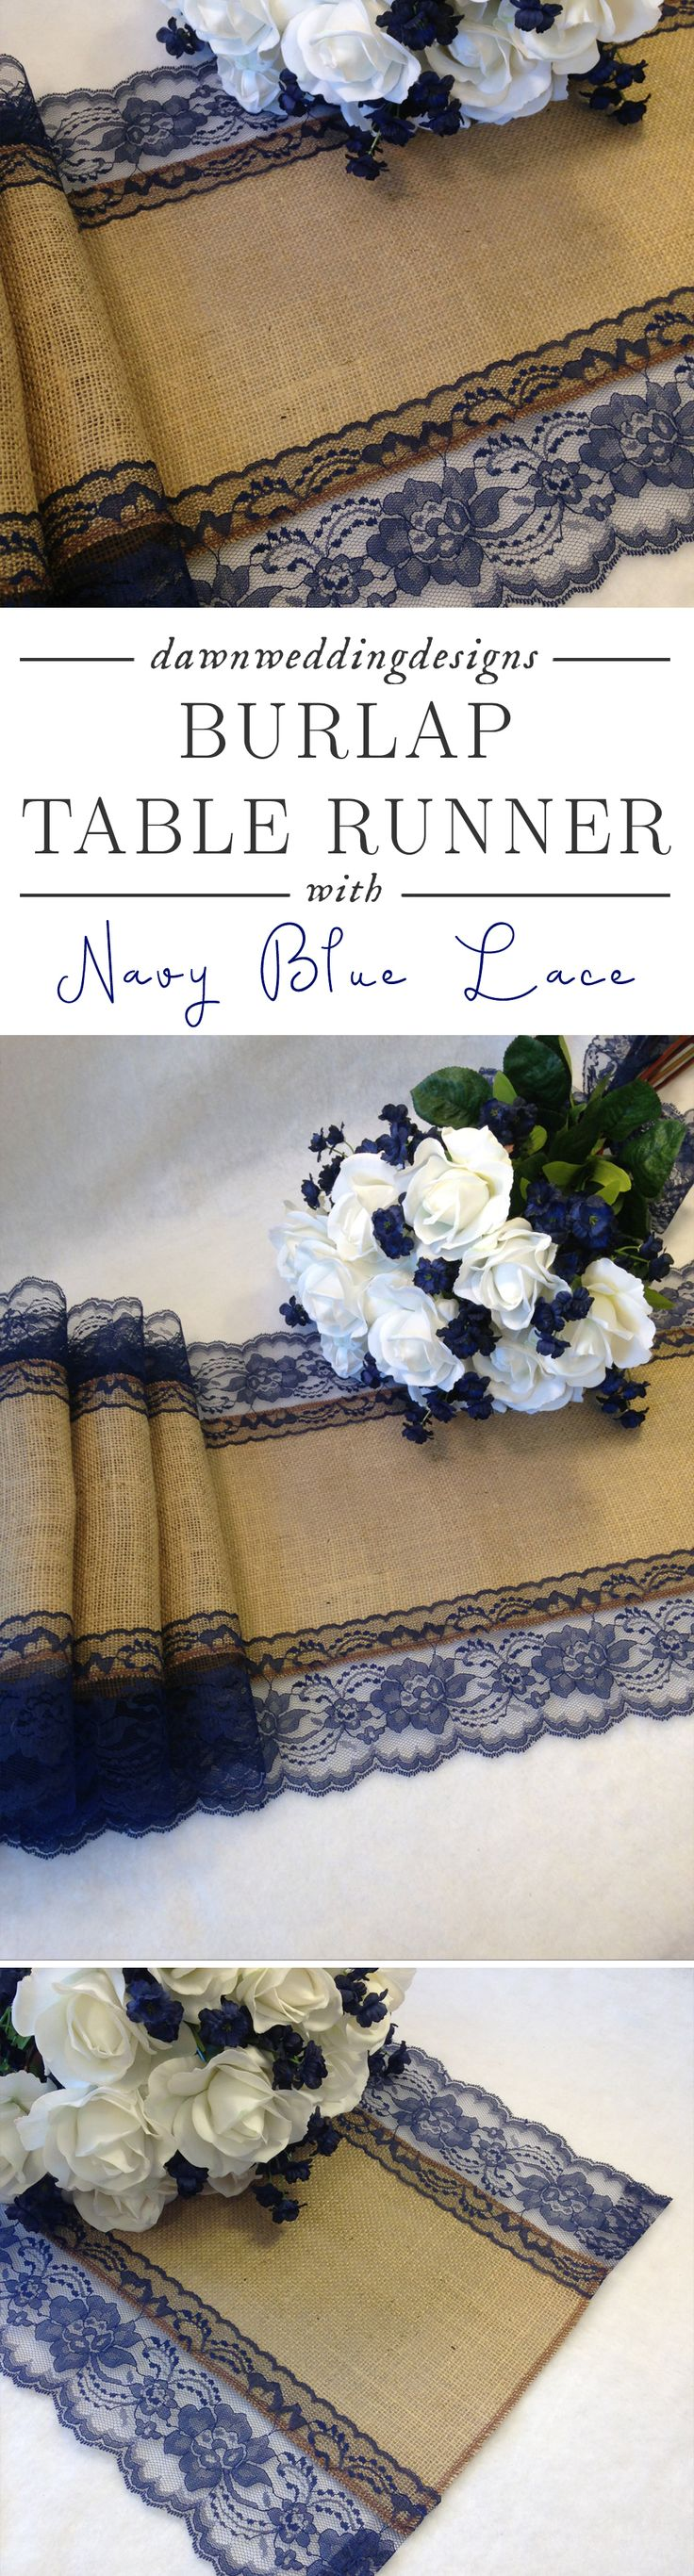 """Navy Blue Wedding Décor -   Burlap Table Runner - NAVY / DARK BLUE Lace Wedding Table Runner - 14"""" Width; Lace on Edges - Country Farmhouse, Rustic Barn Wedding"""